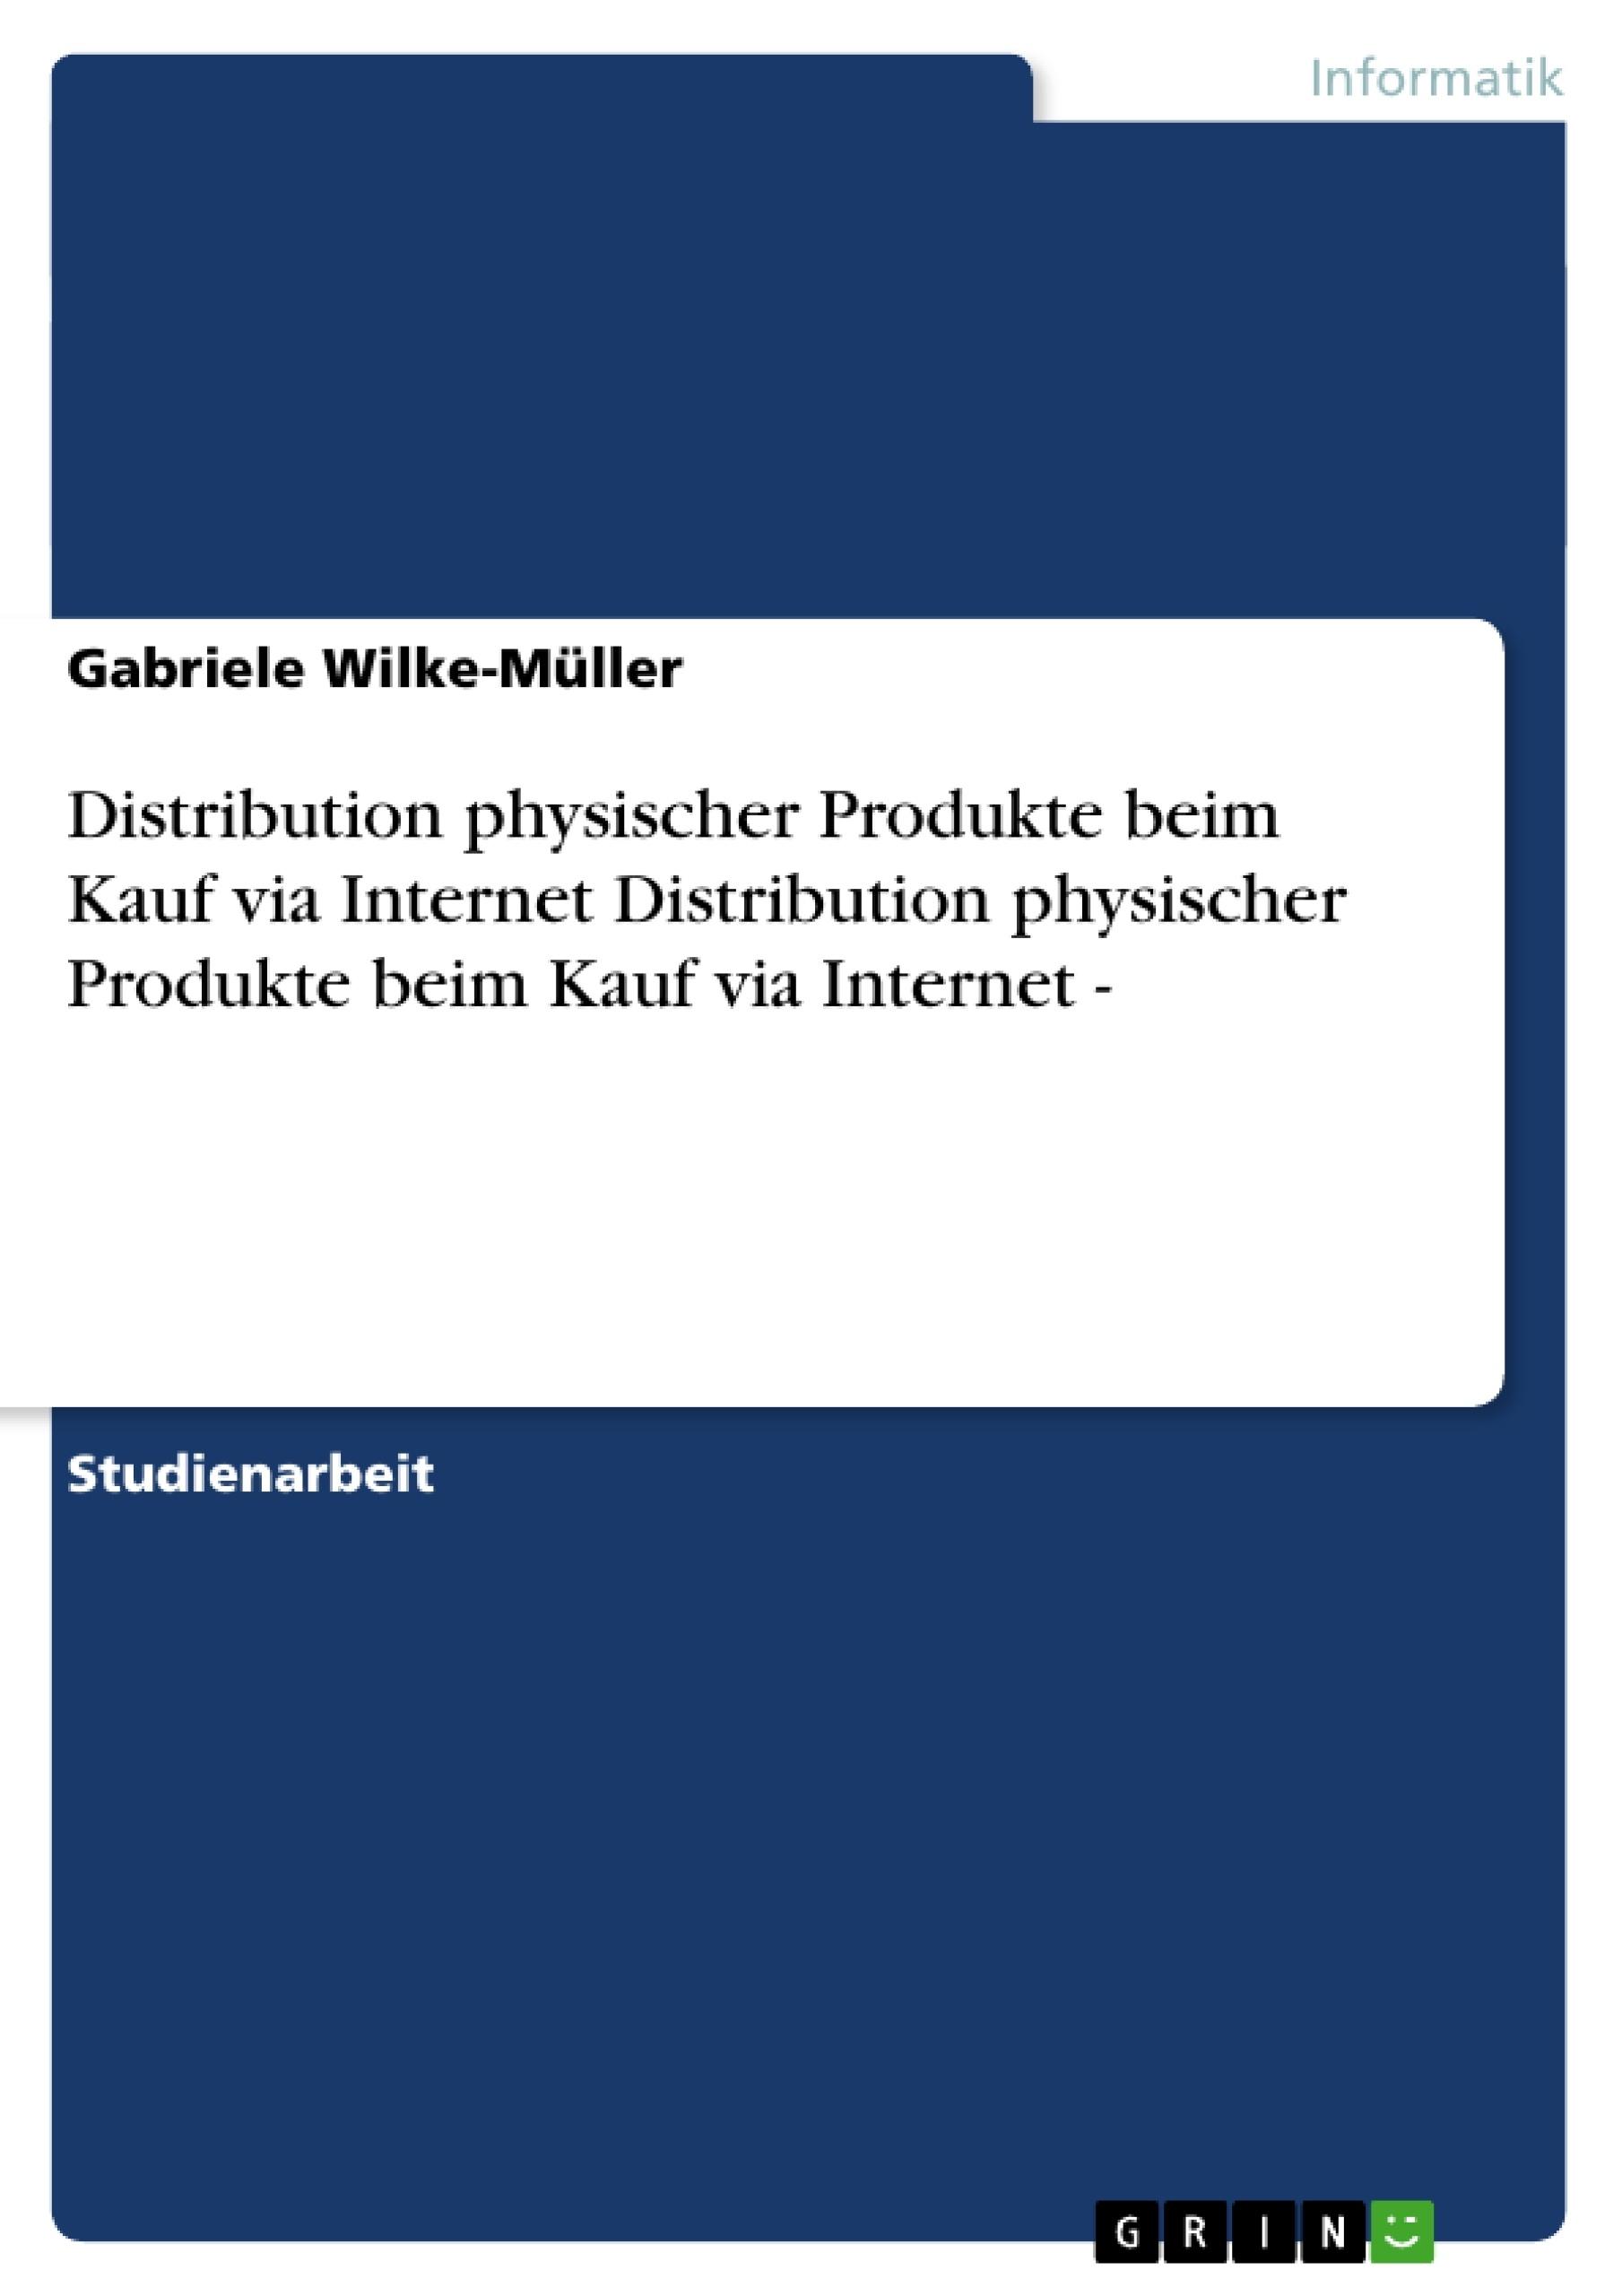 Titel: Distribution physischer Produkte beim Kauf via Internet Distribution physischer Produkte beim Kauf via Internet -